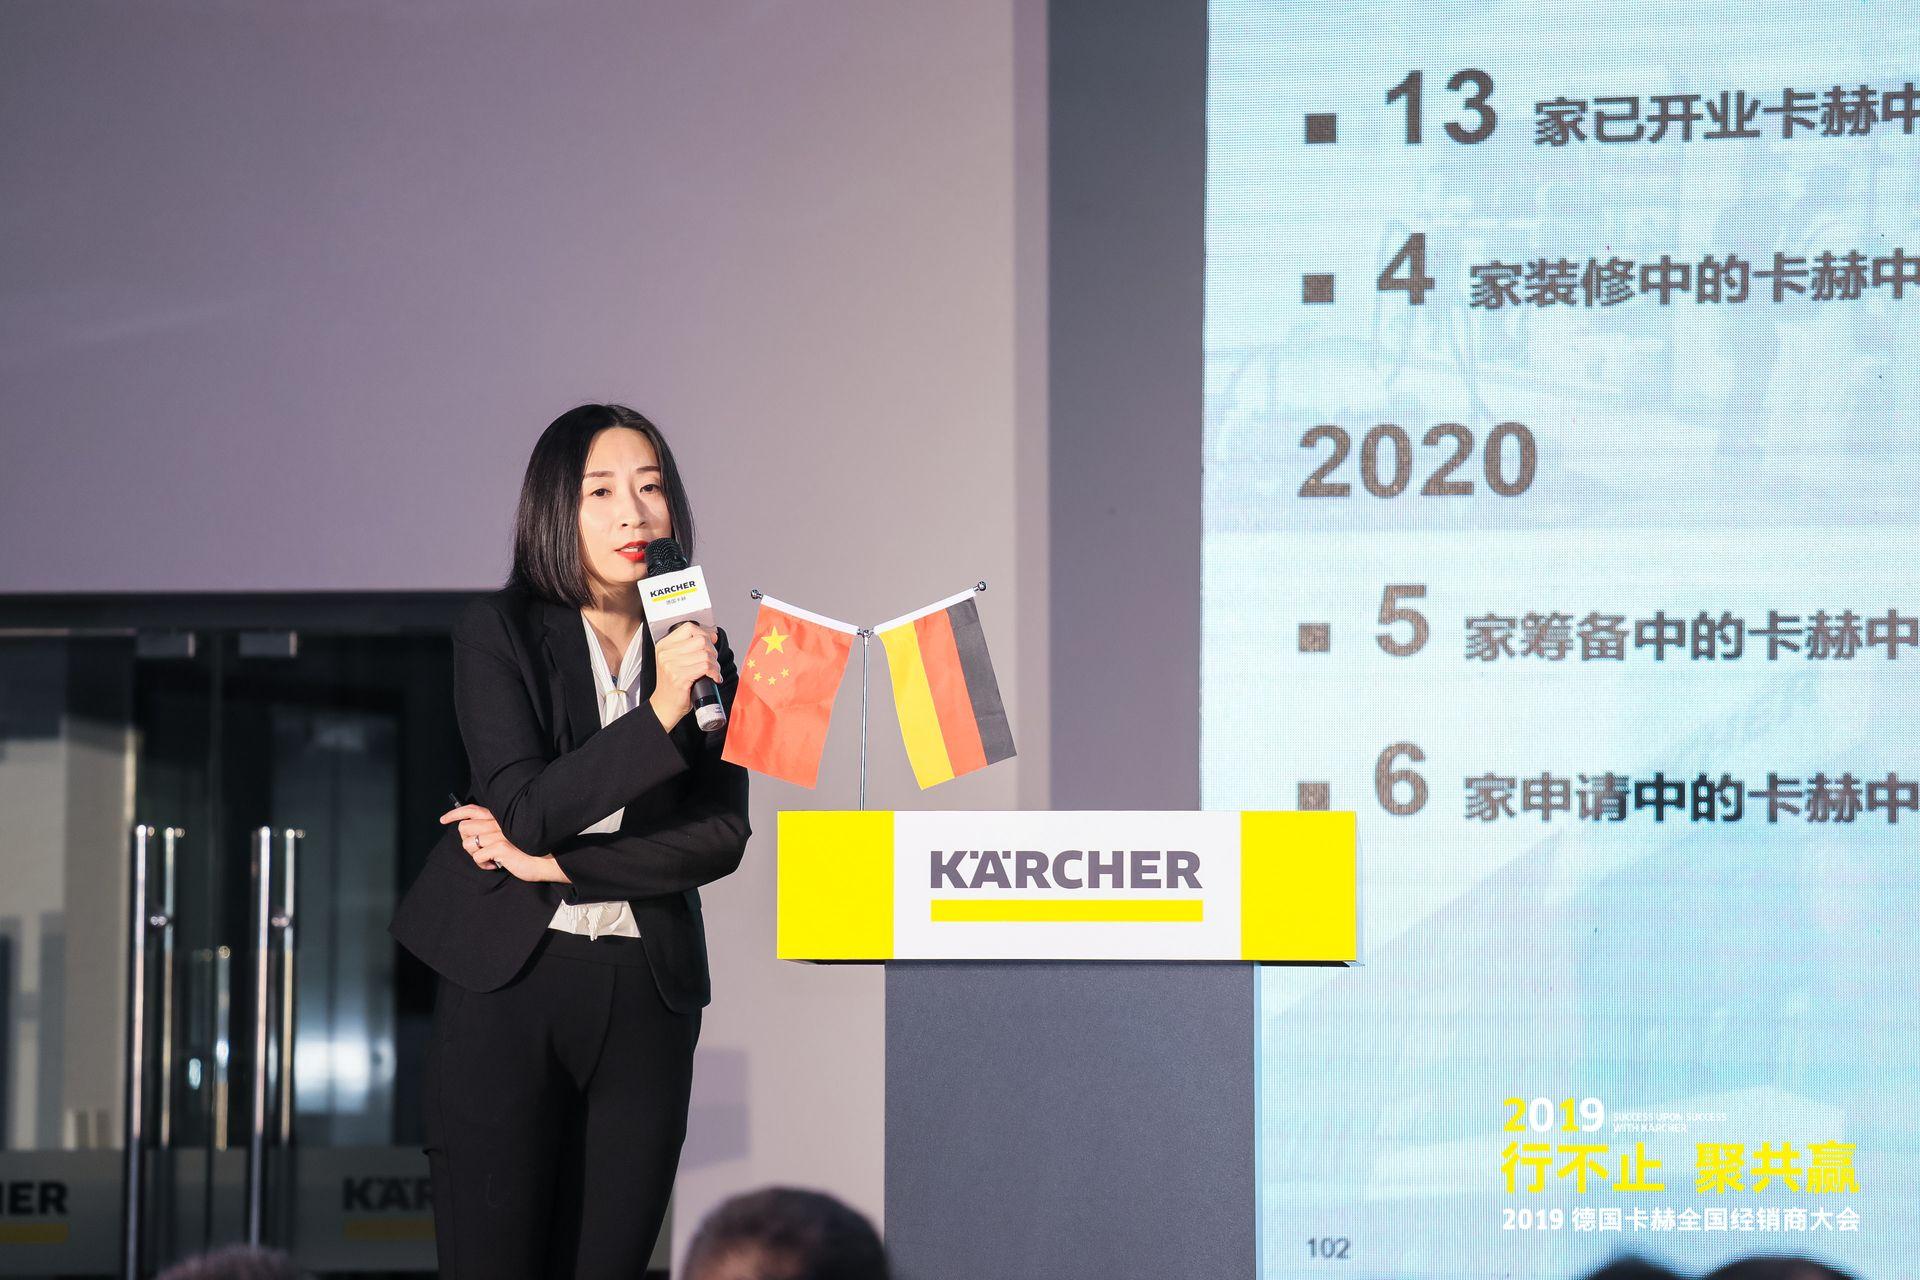 2019年底卡赫全国经销商大会盛大召开